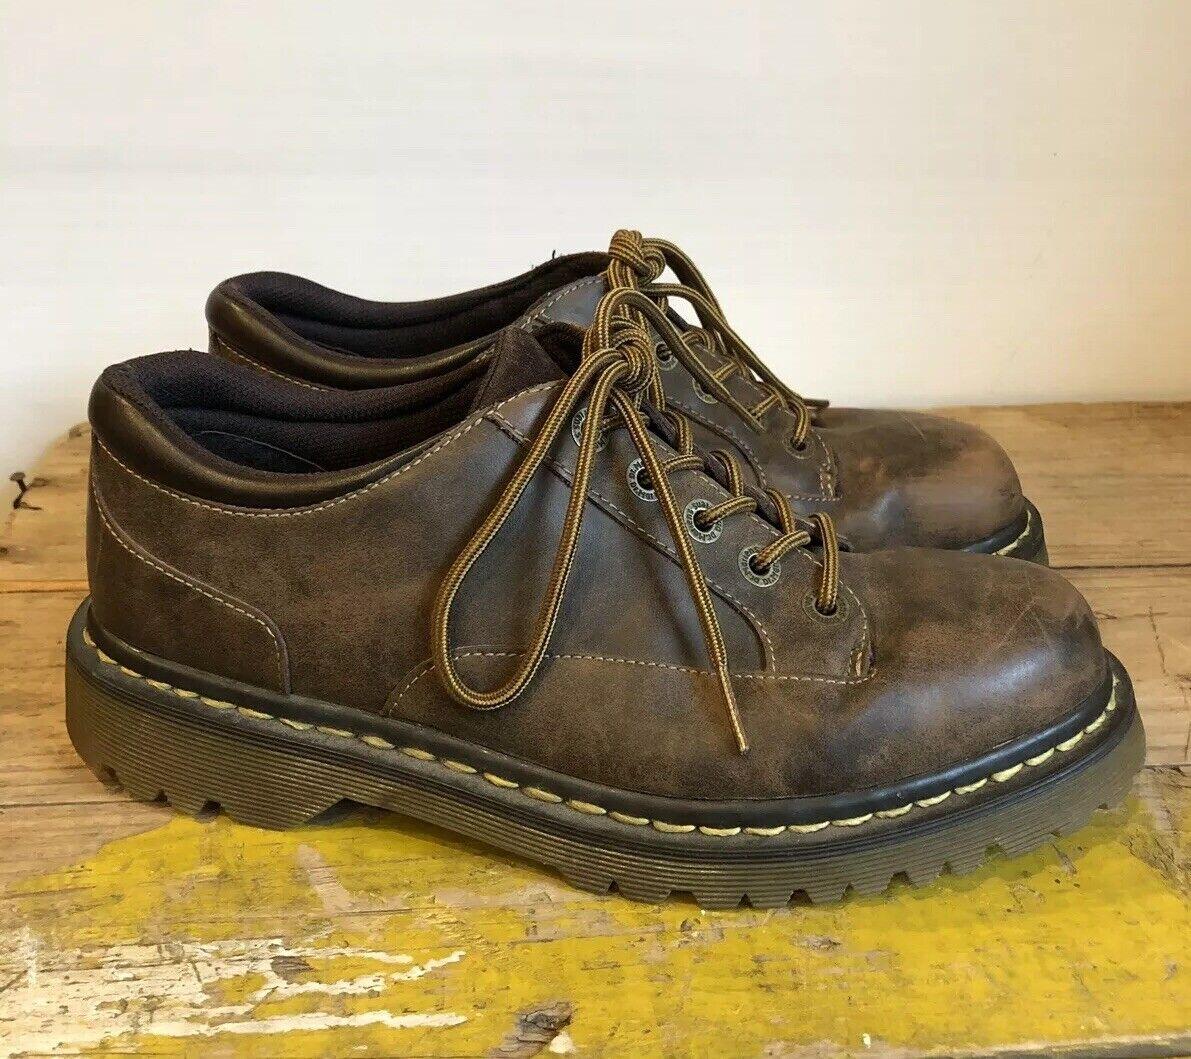 Doc Dr Dr Dr Martens Abilene Mujer Zapatos Con Cordones Cuero Marrón Talla 10 UE 42 con aspecto envejecido  precios ultra bajos